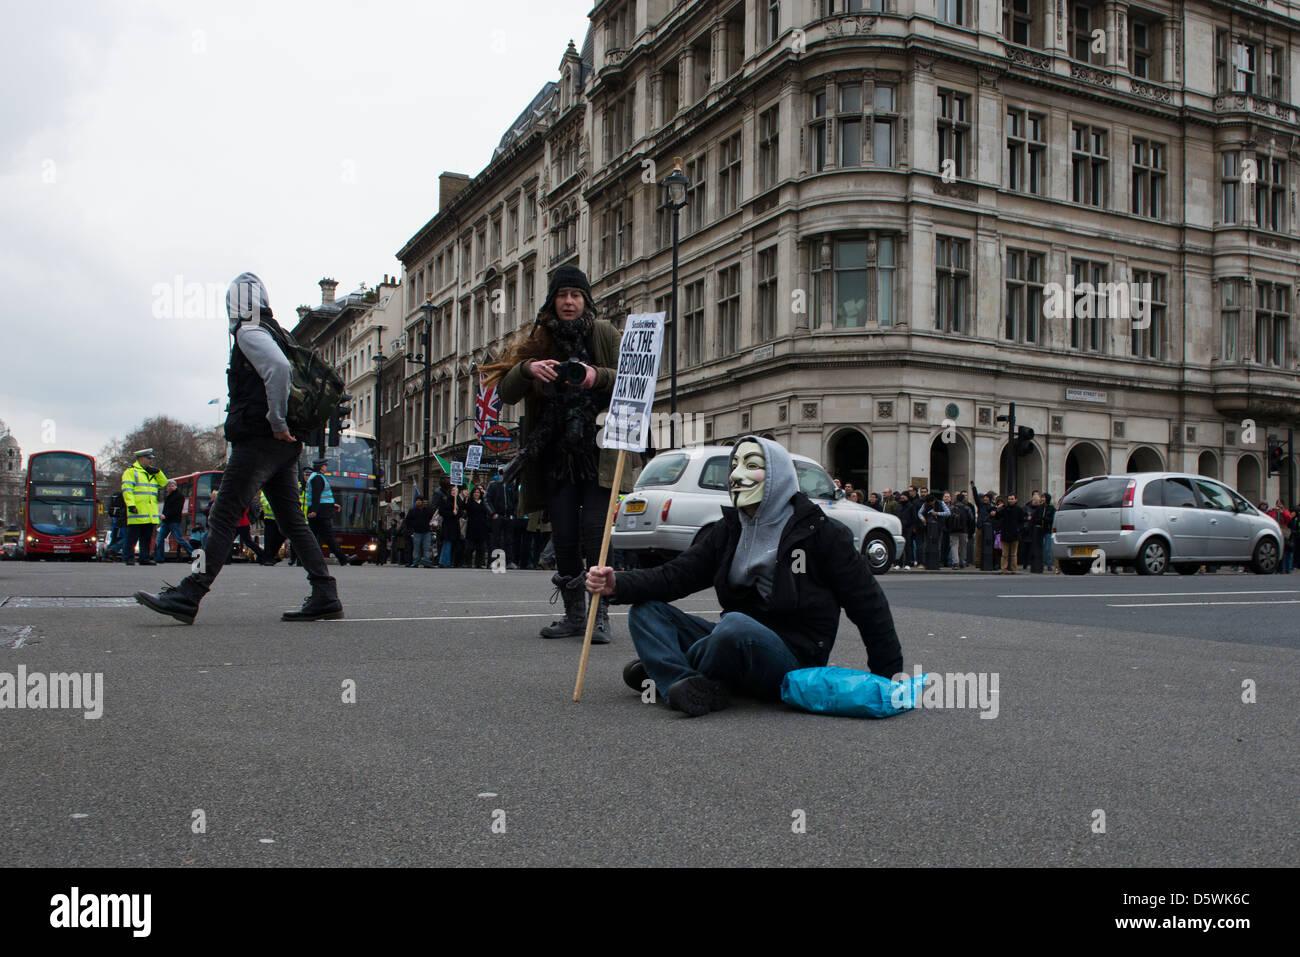 Un manifestante solitario se sienta en medio de una carretera en Westminster, Londres, el 30/03/13 Imagen De Stock